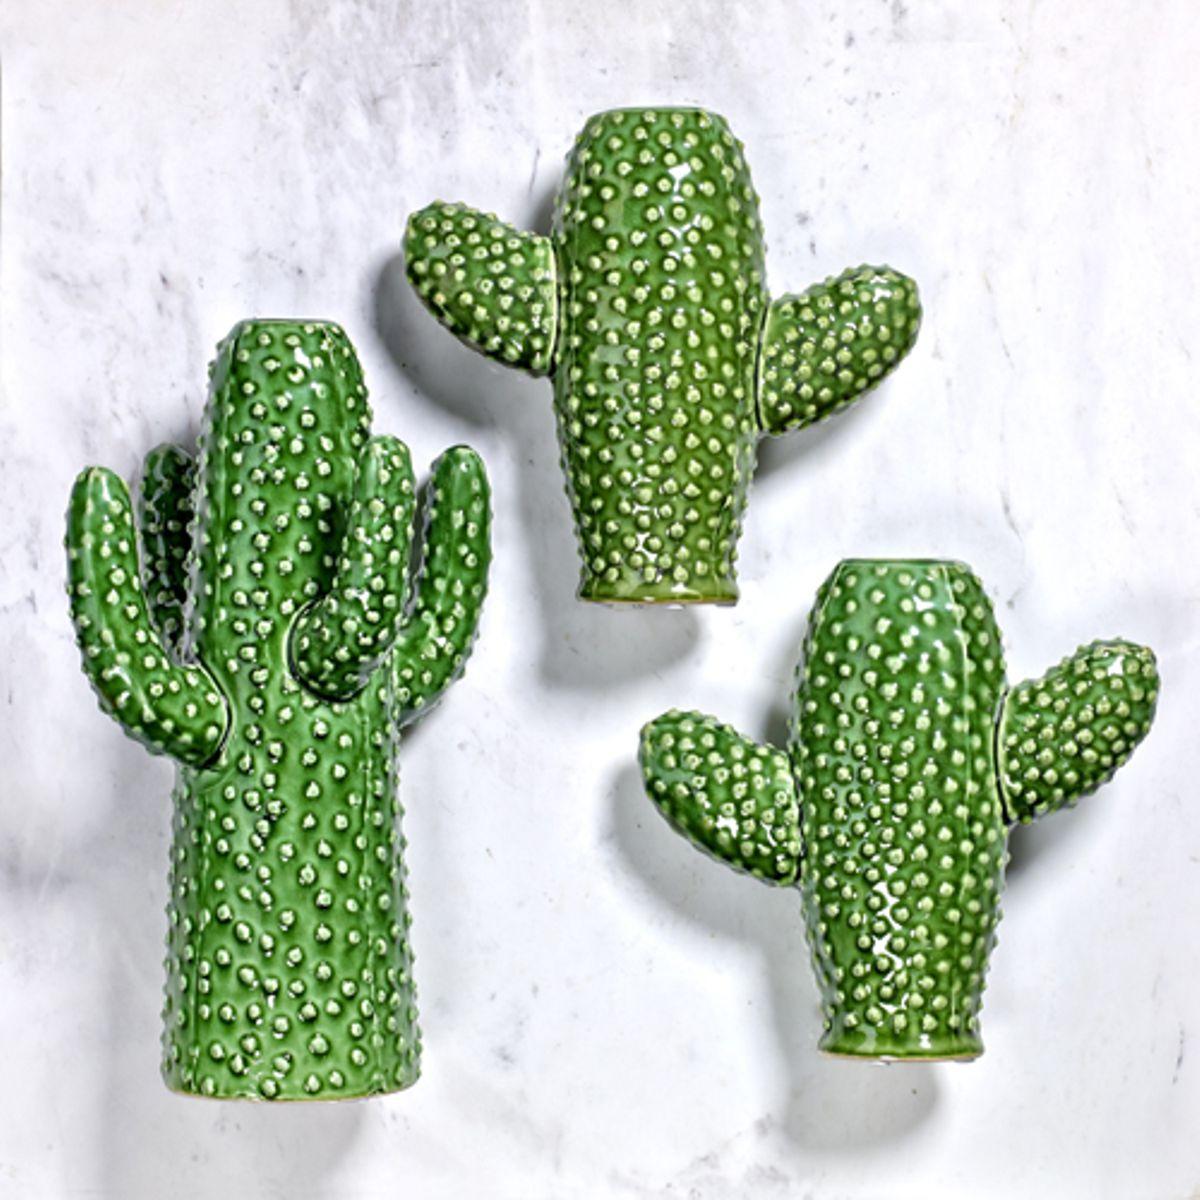 cactus-en-ceramique-verte-serax-mm.jpg